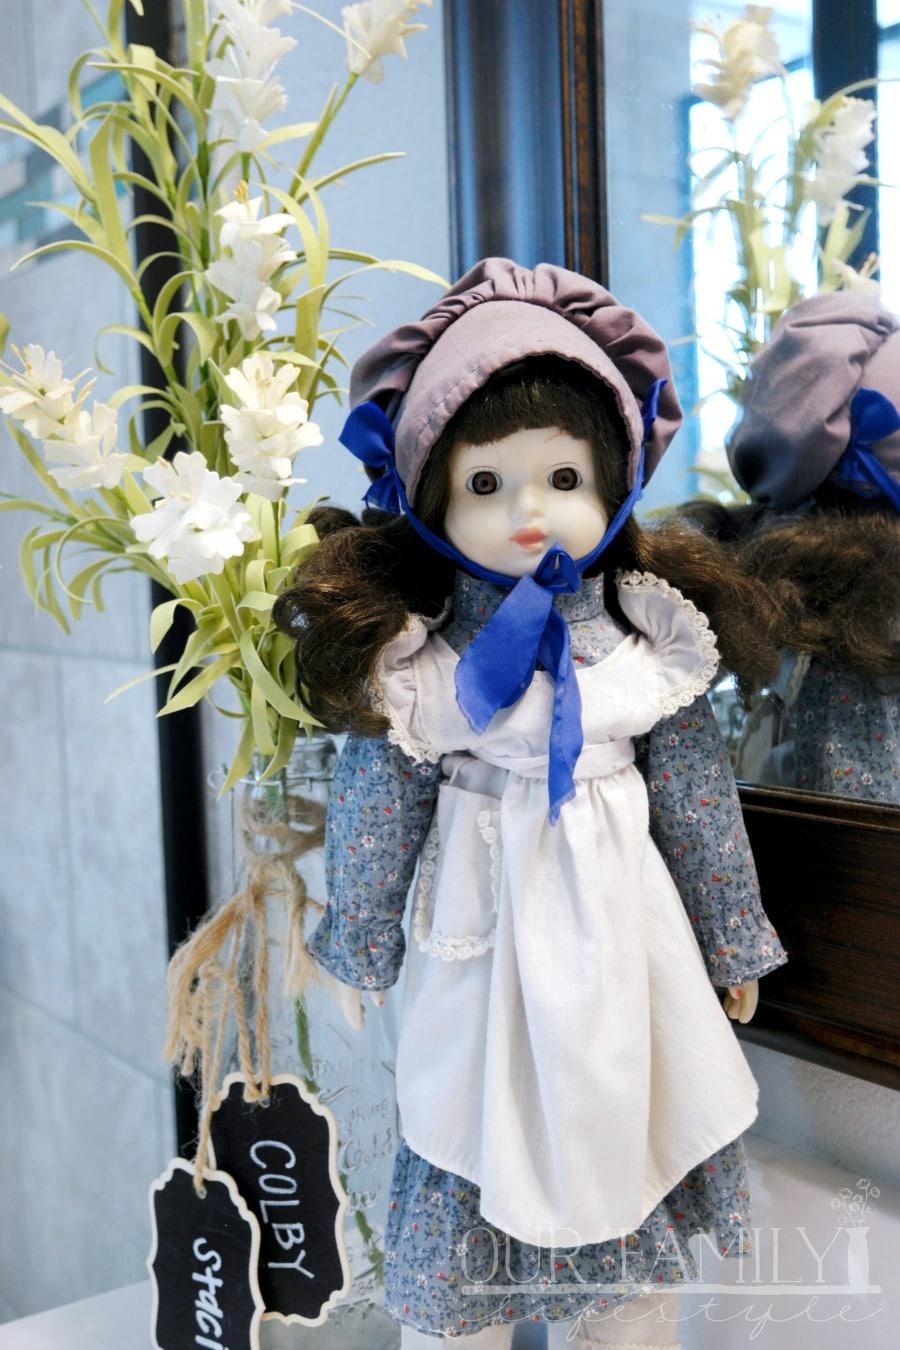 Jenni - porcelain doll